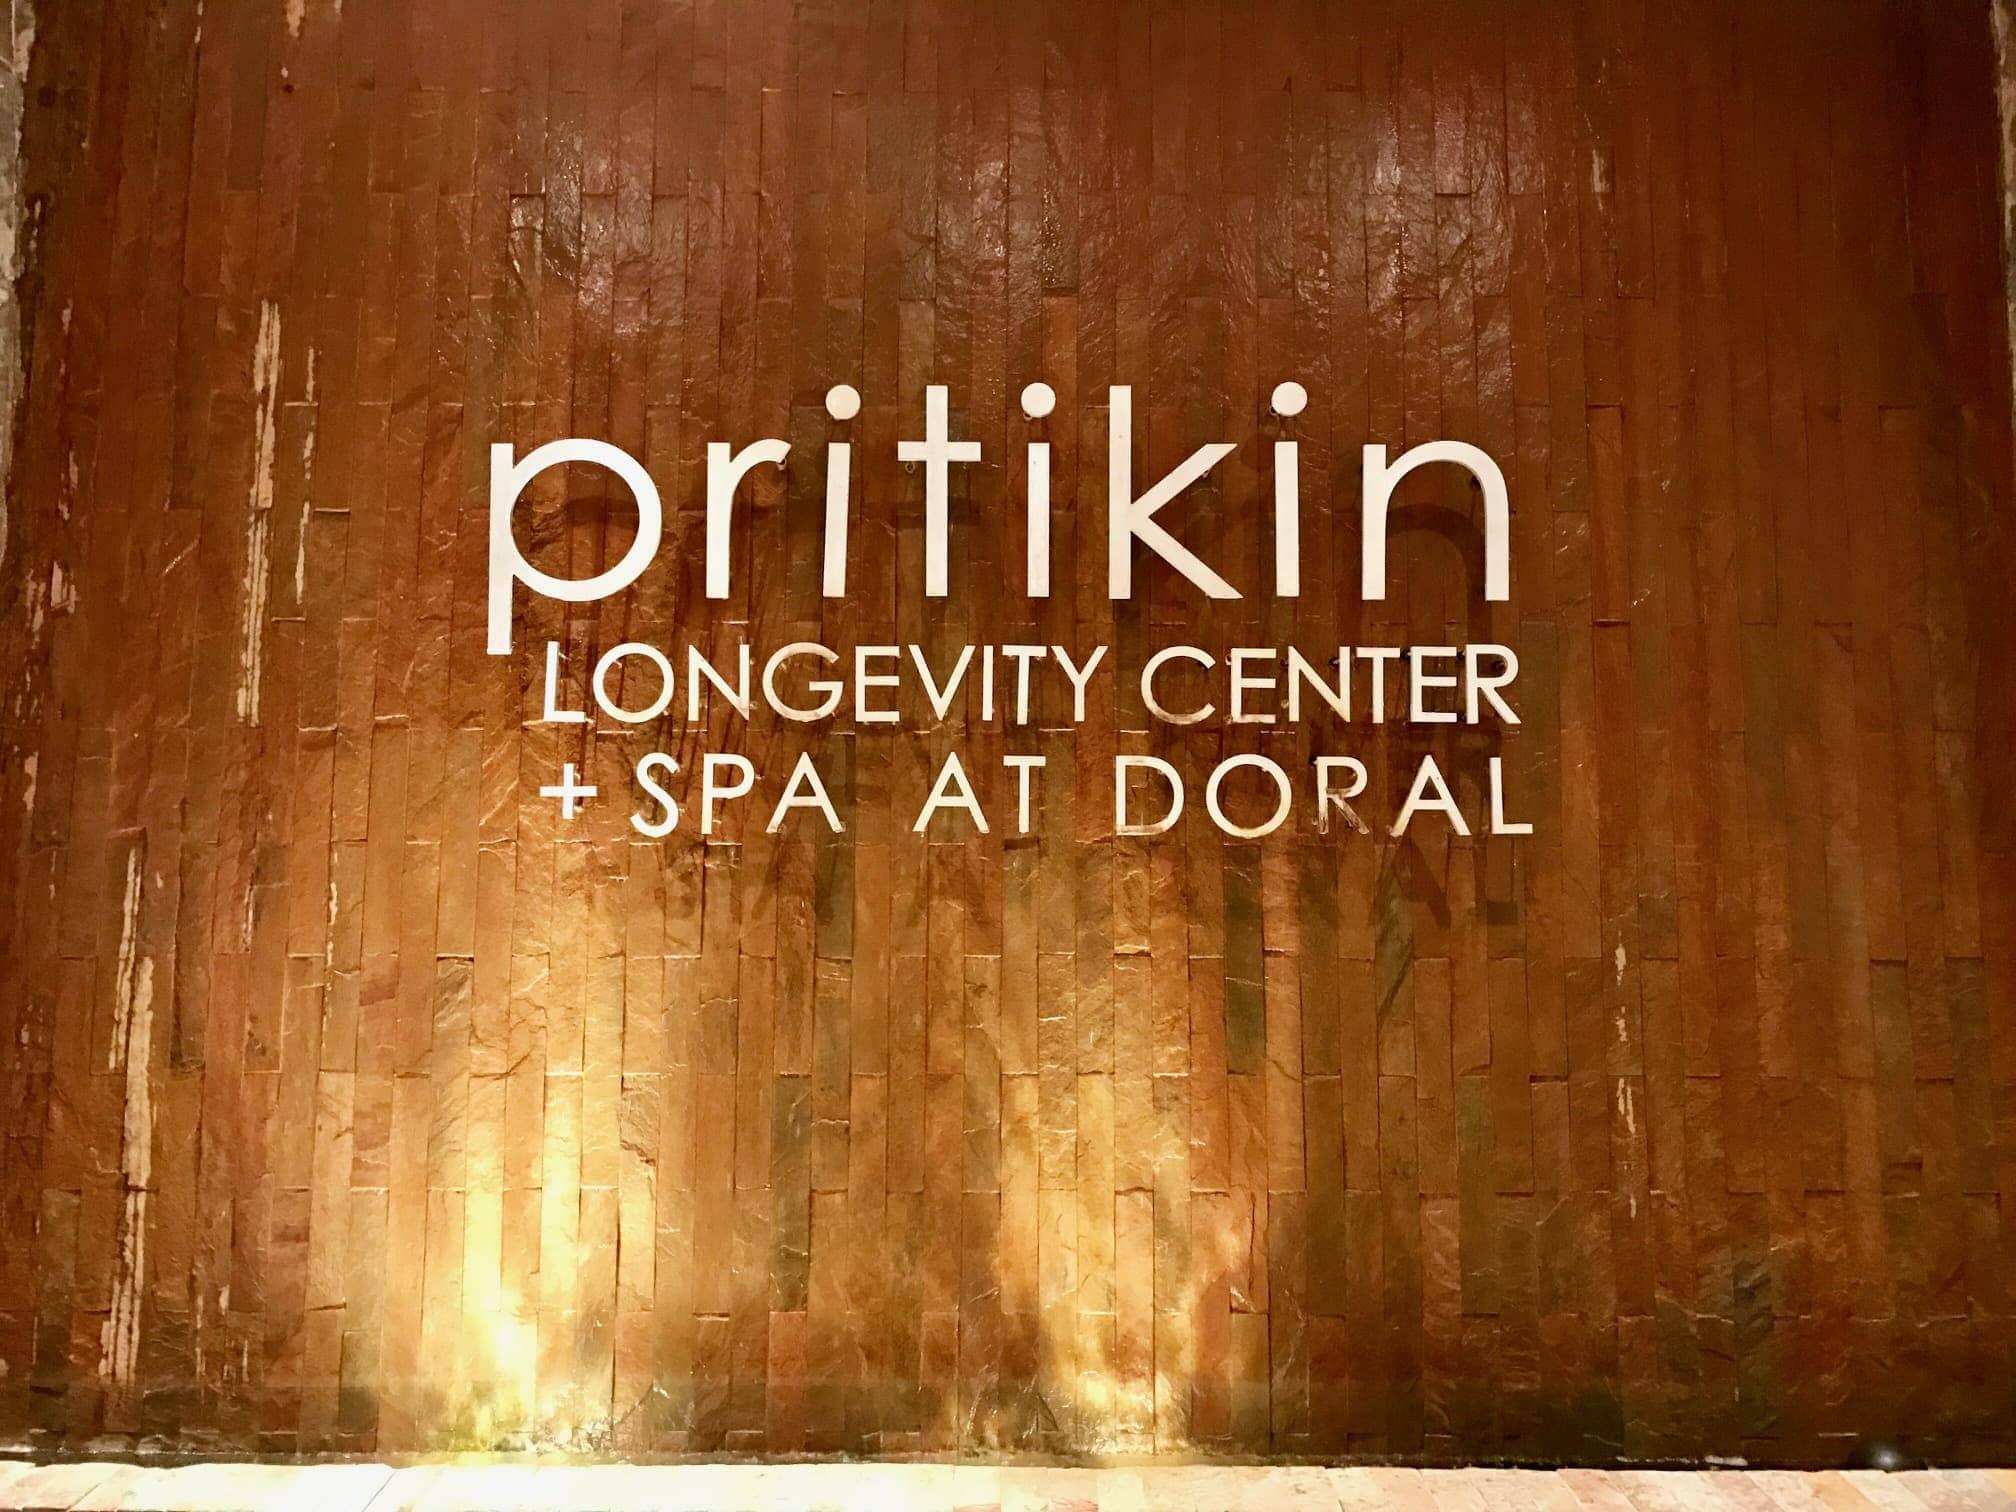 Pritikin Longevity Center + Spa at Doral